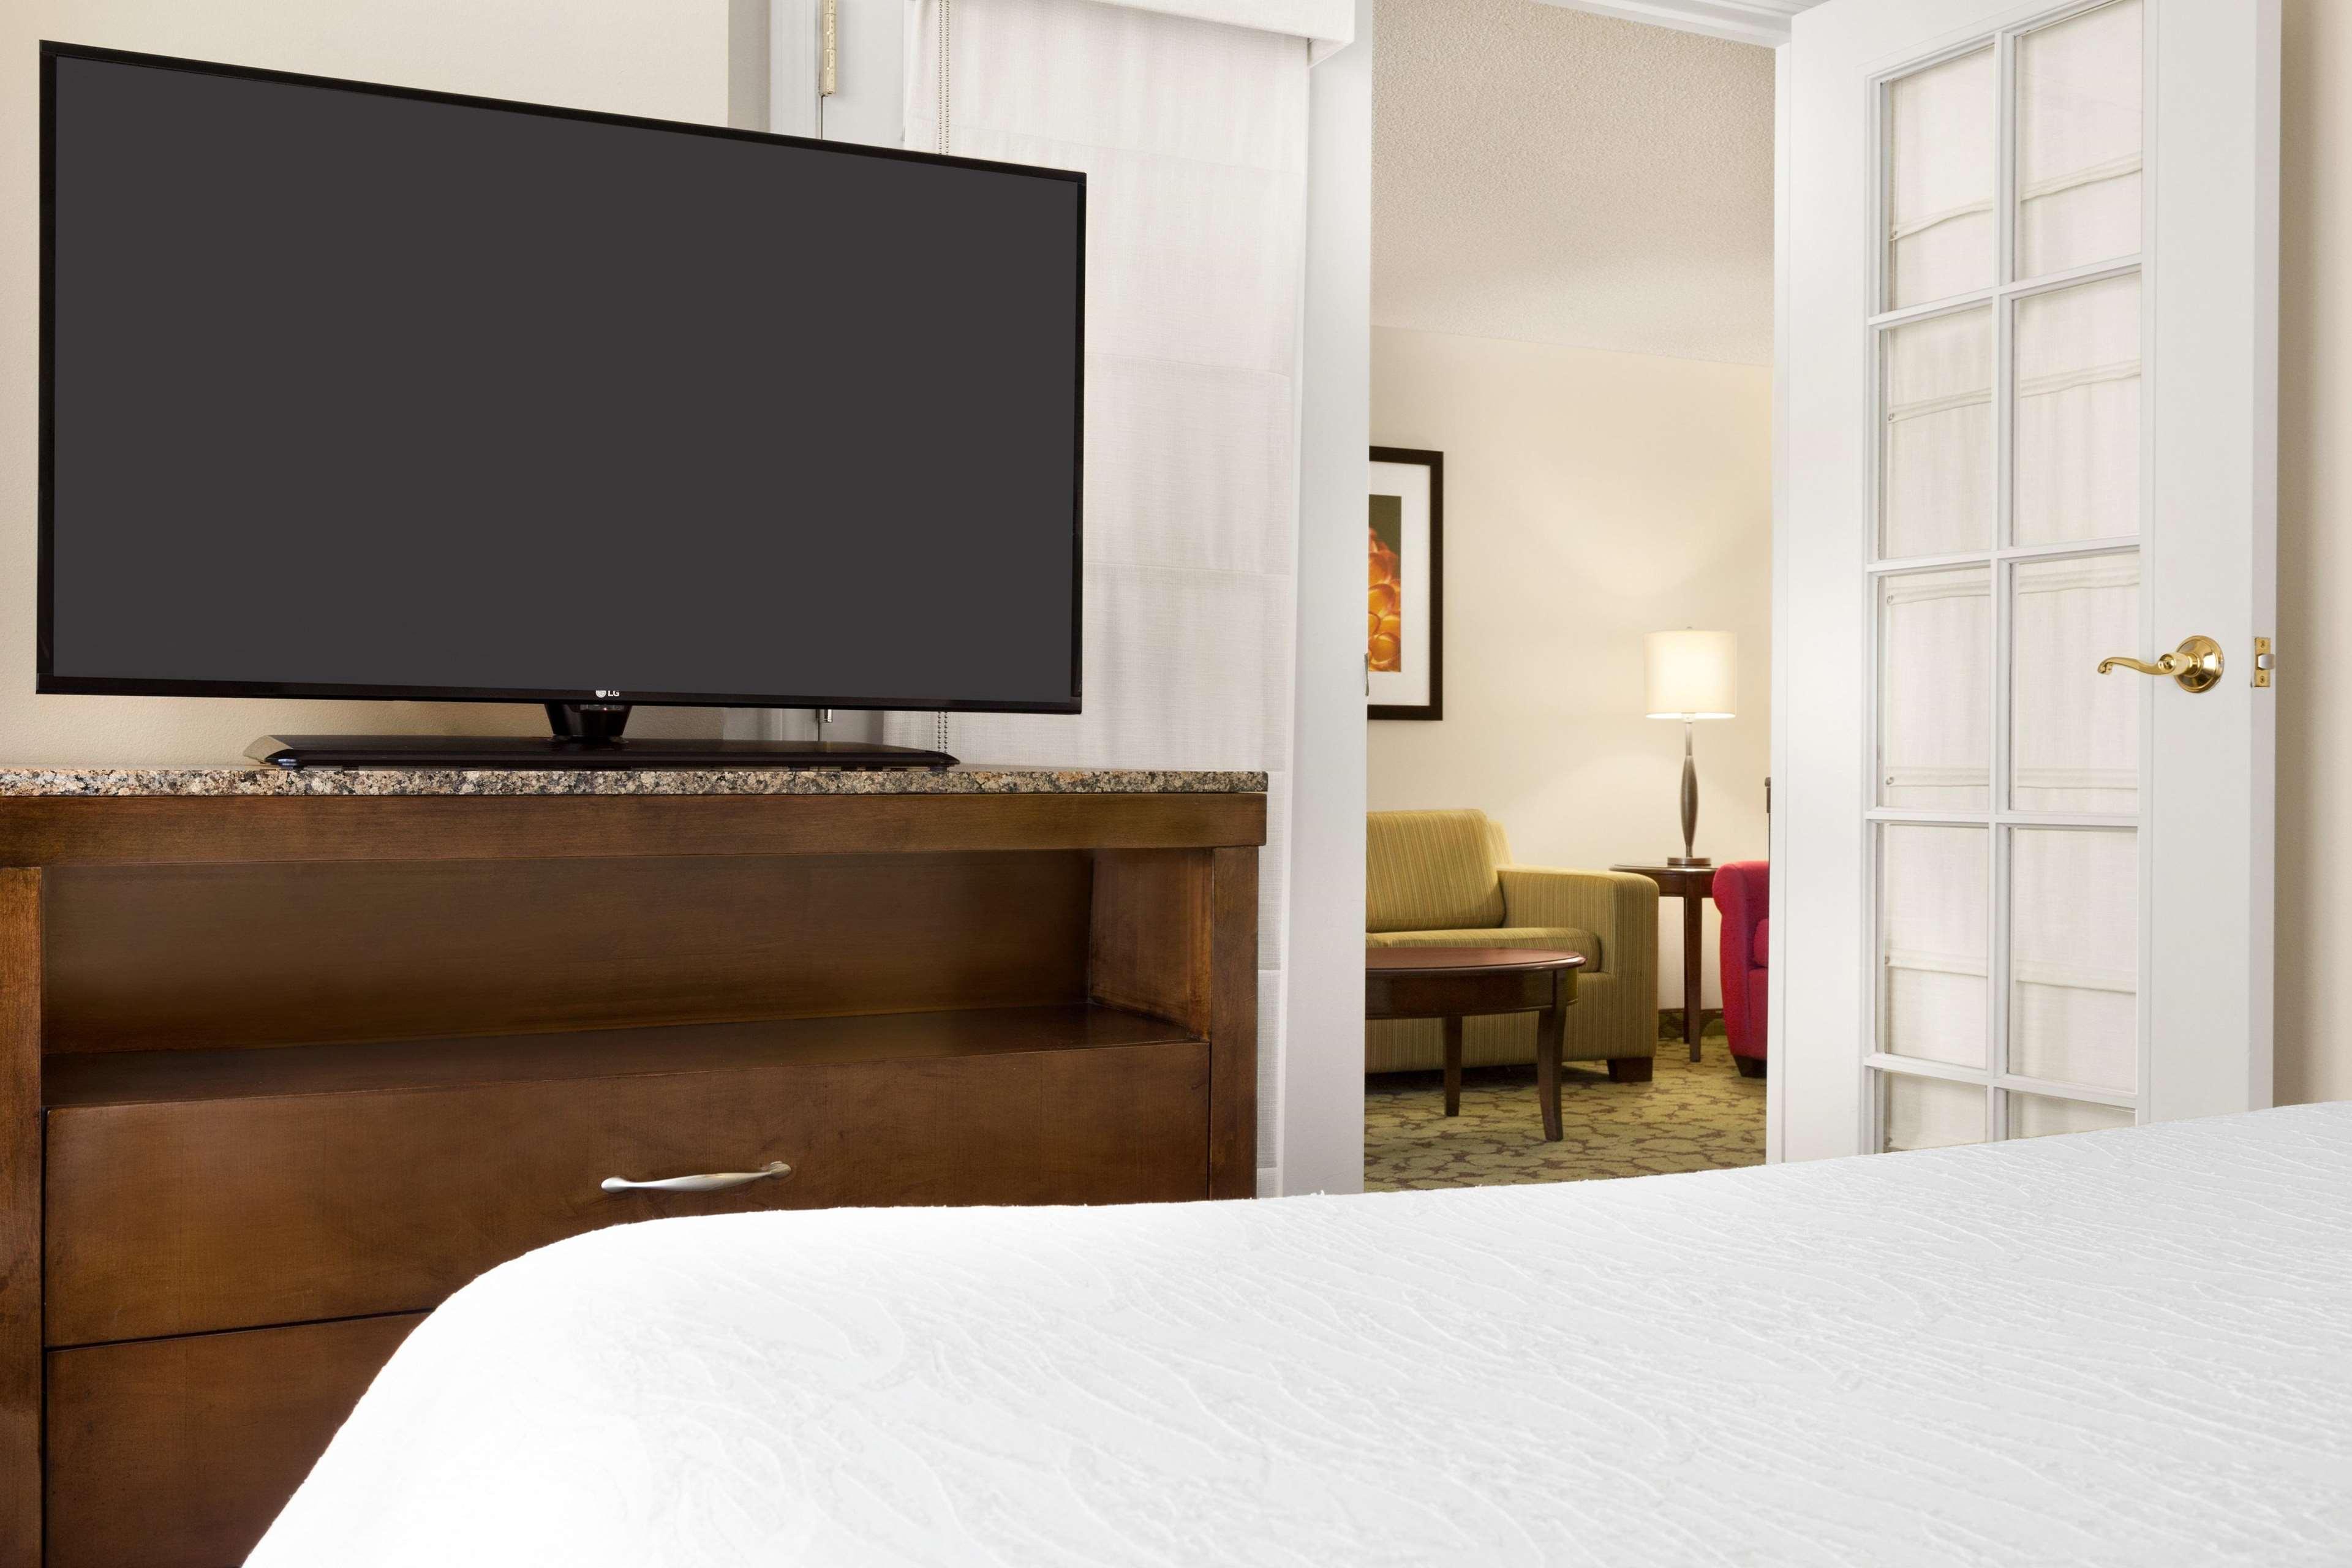 Hilton Garden Inn Atlanta Perimeter Center image 8